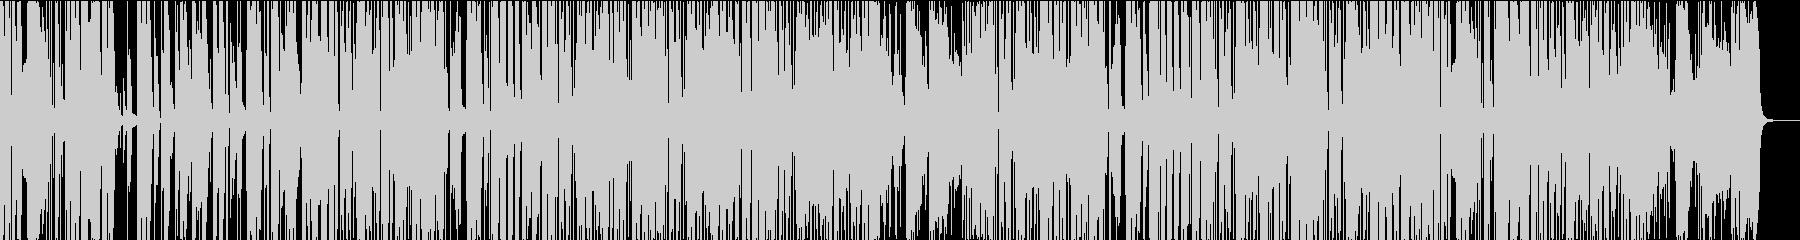 オープニング・ジャズ・ほのぼの・おしゃれの未再生の波形